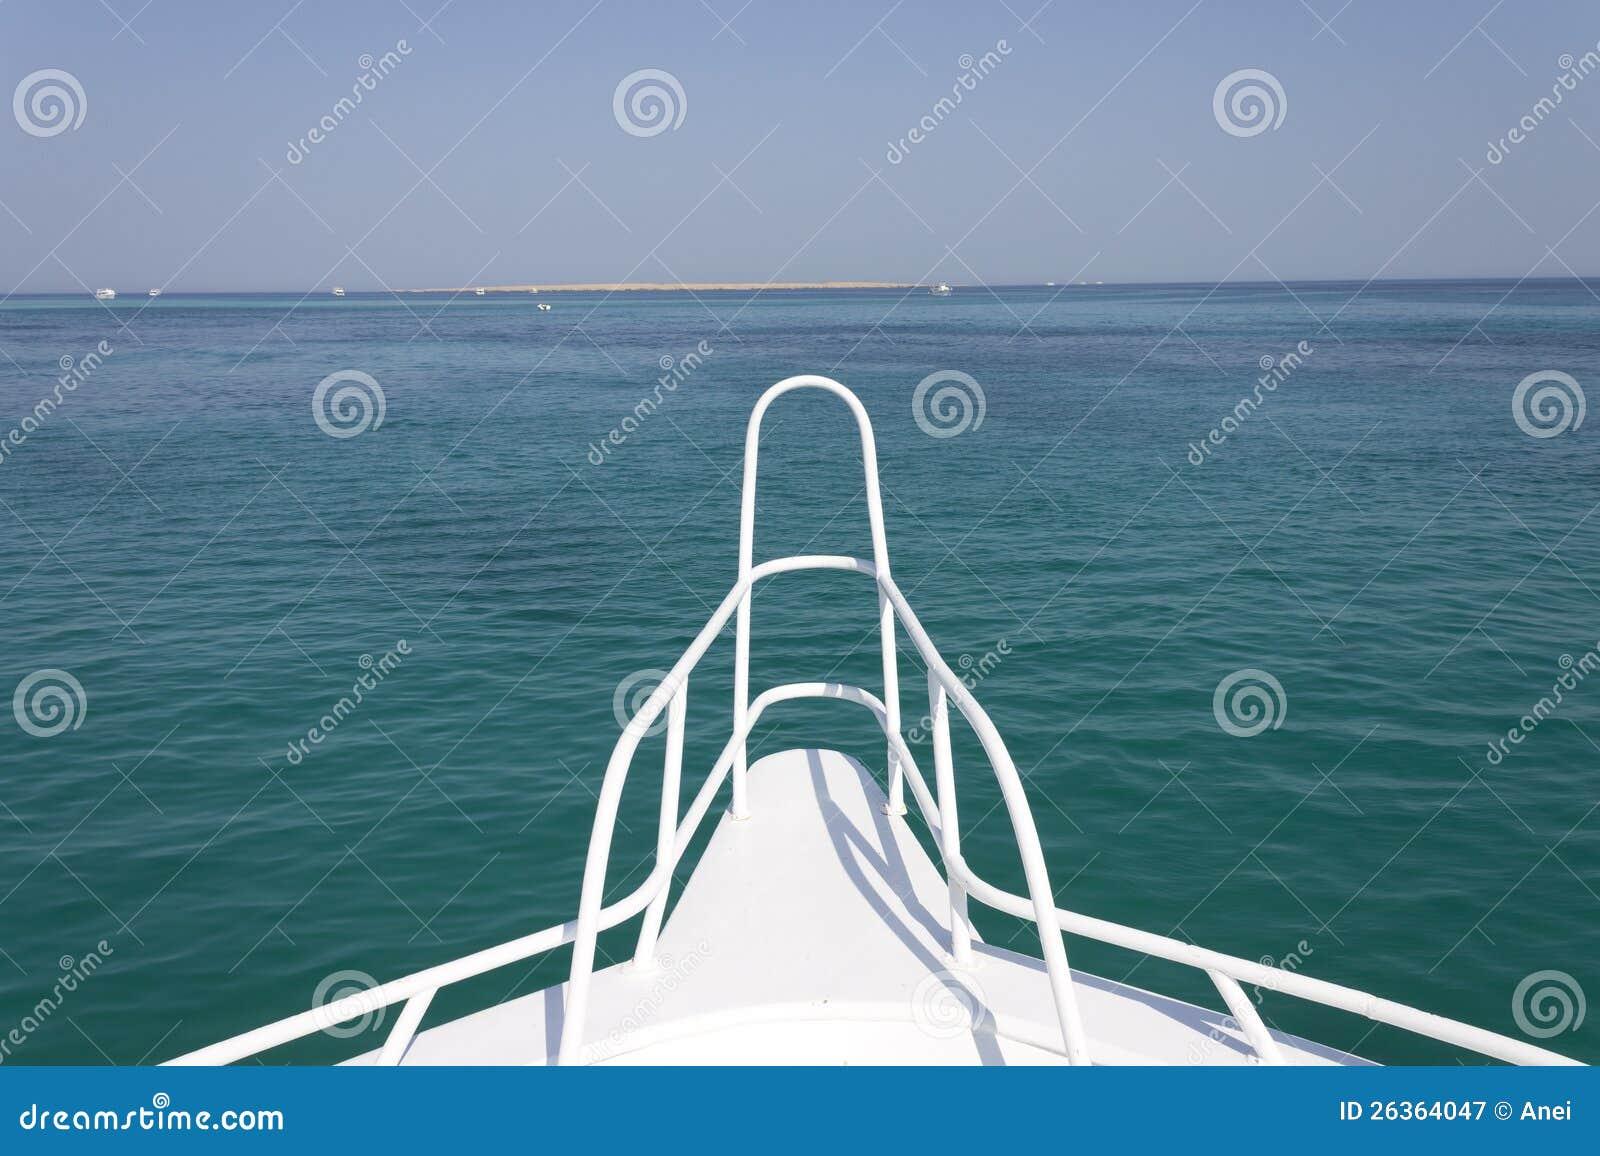 Sandinsel und Horizont vor einer Lieferung